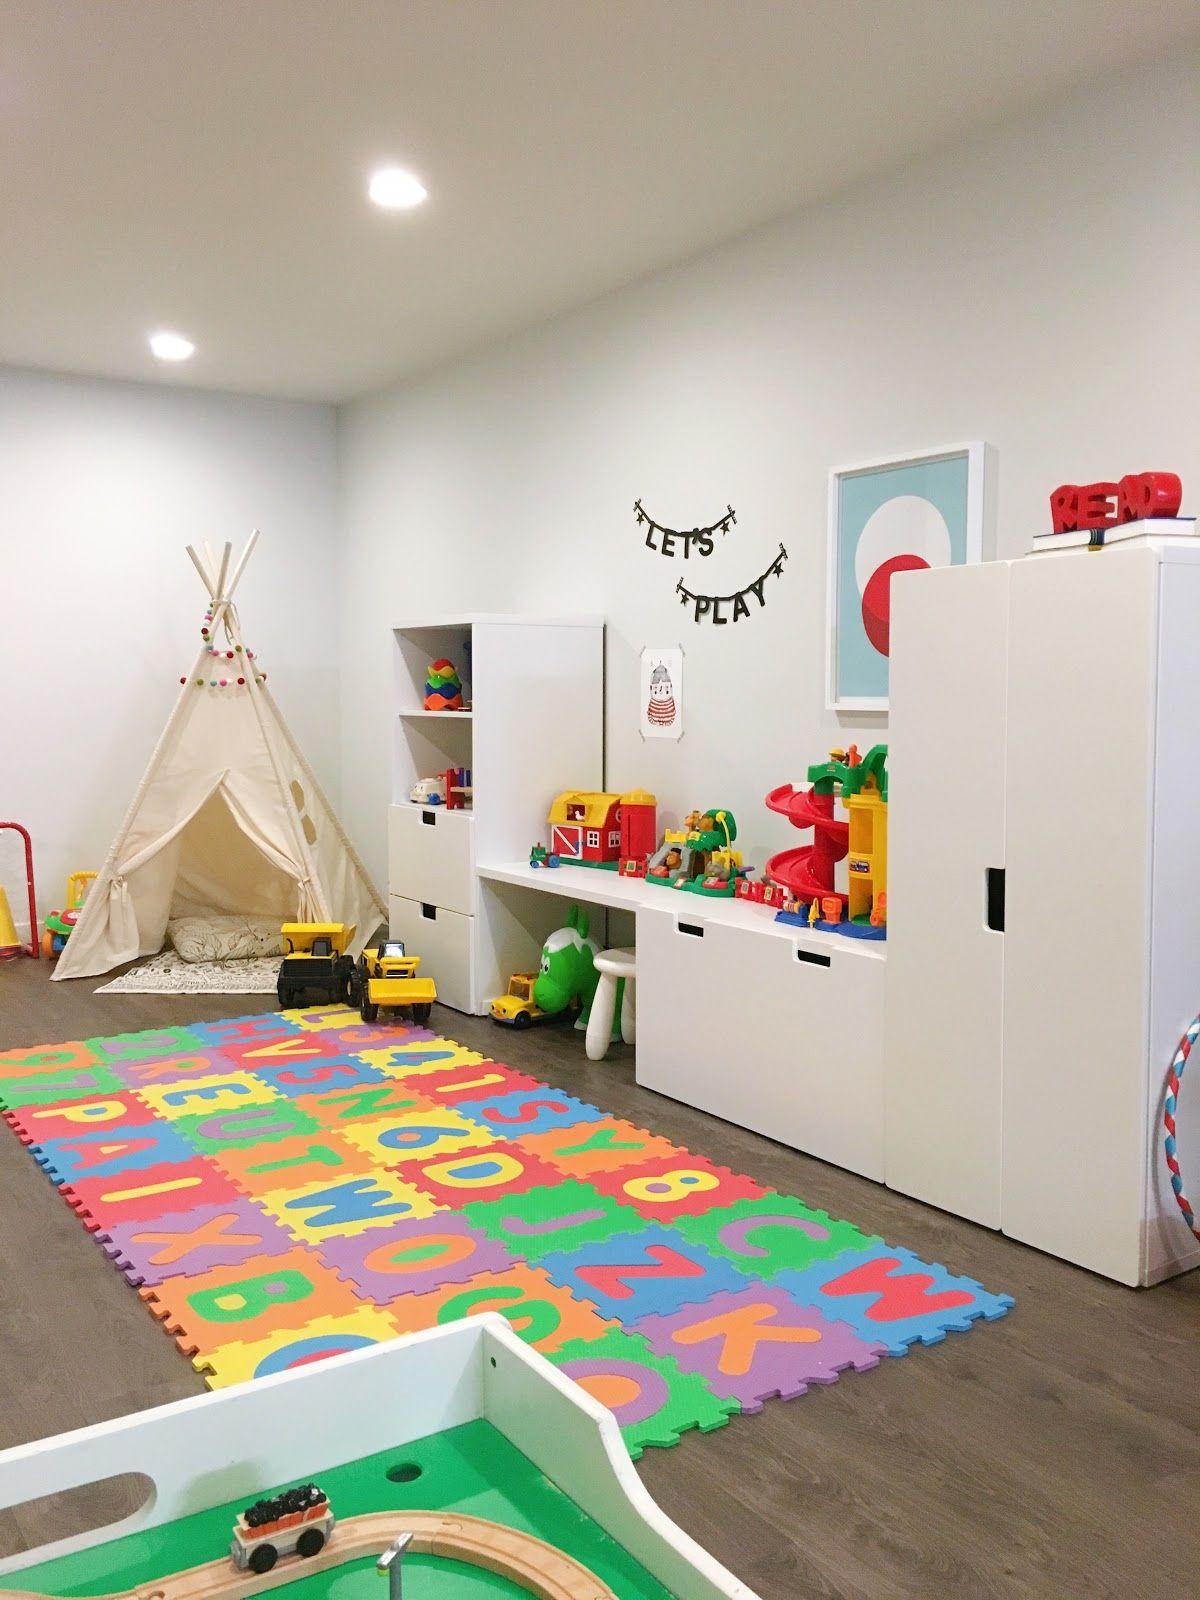 Playroom with ikea stuva system kids 39 rooms pinterest playrooms room and kids rooms - Ikea playroom ideas ...